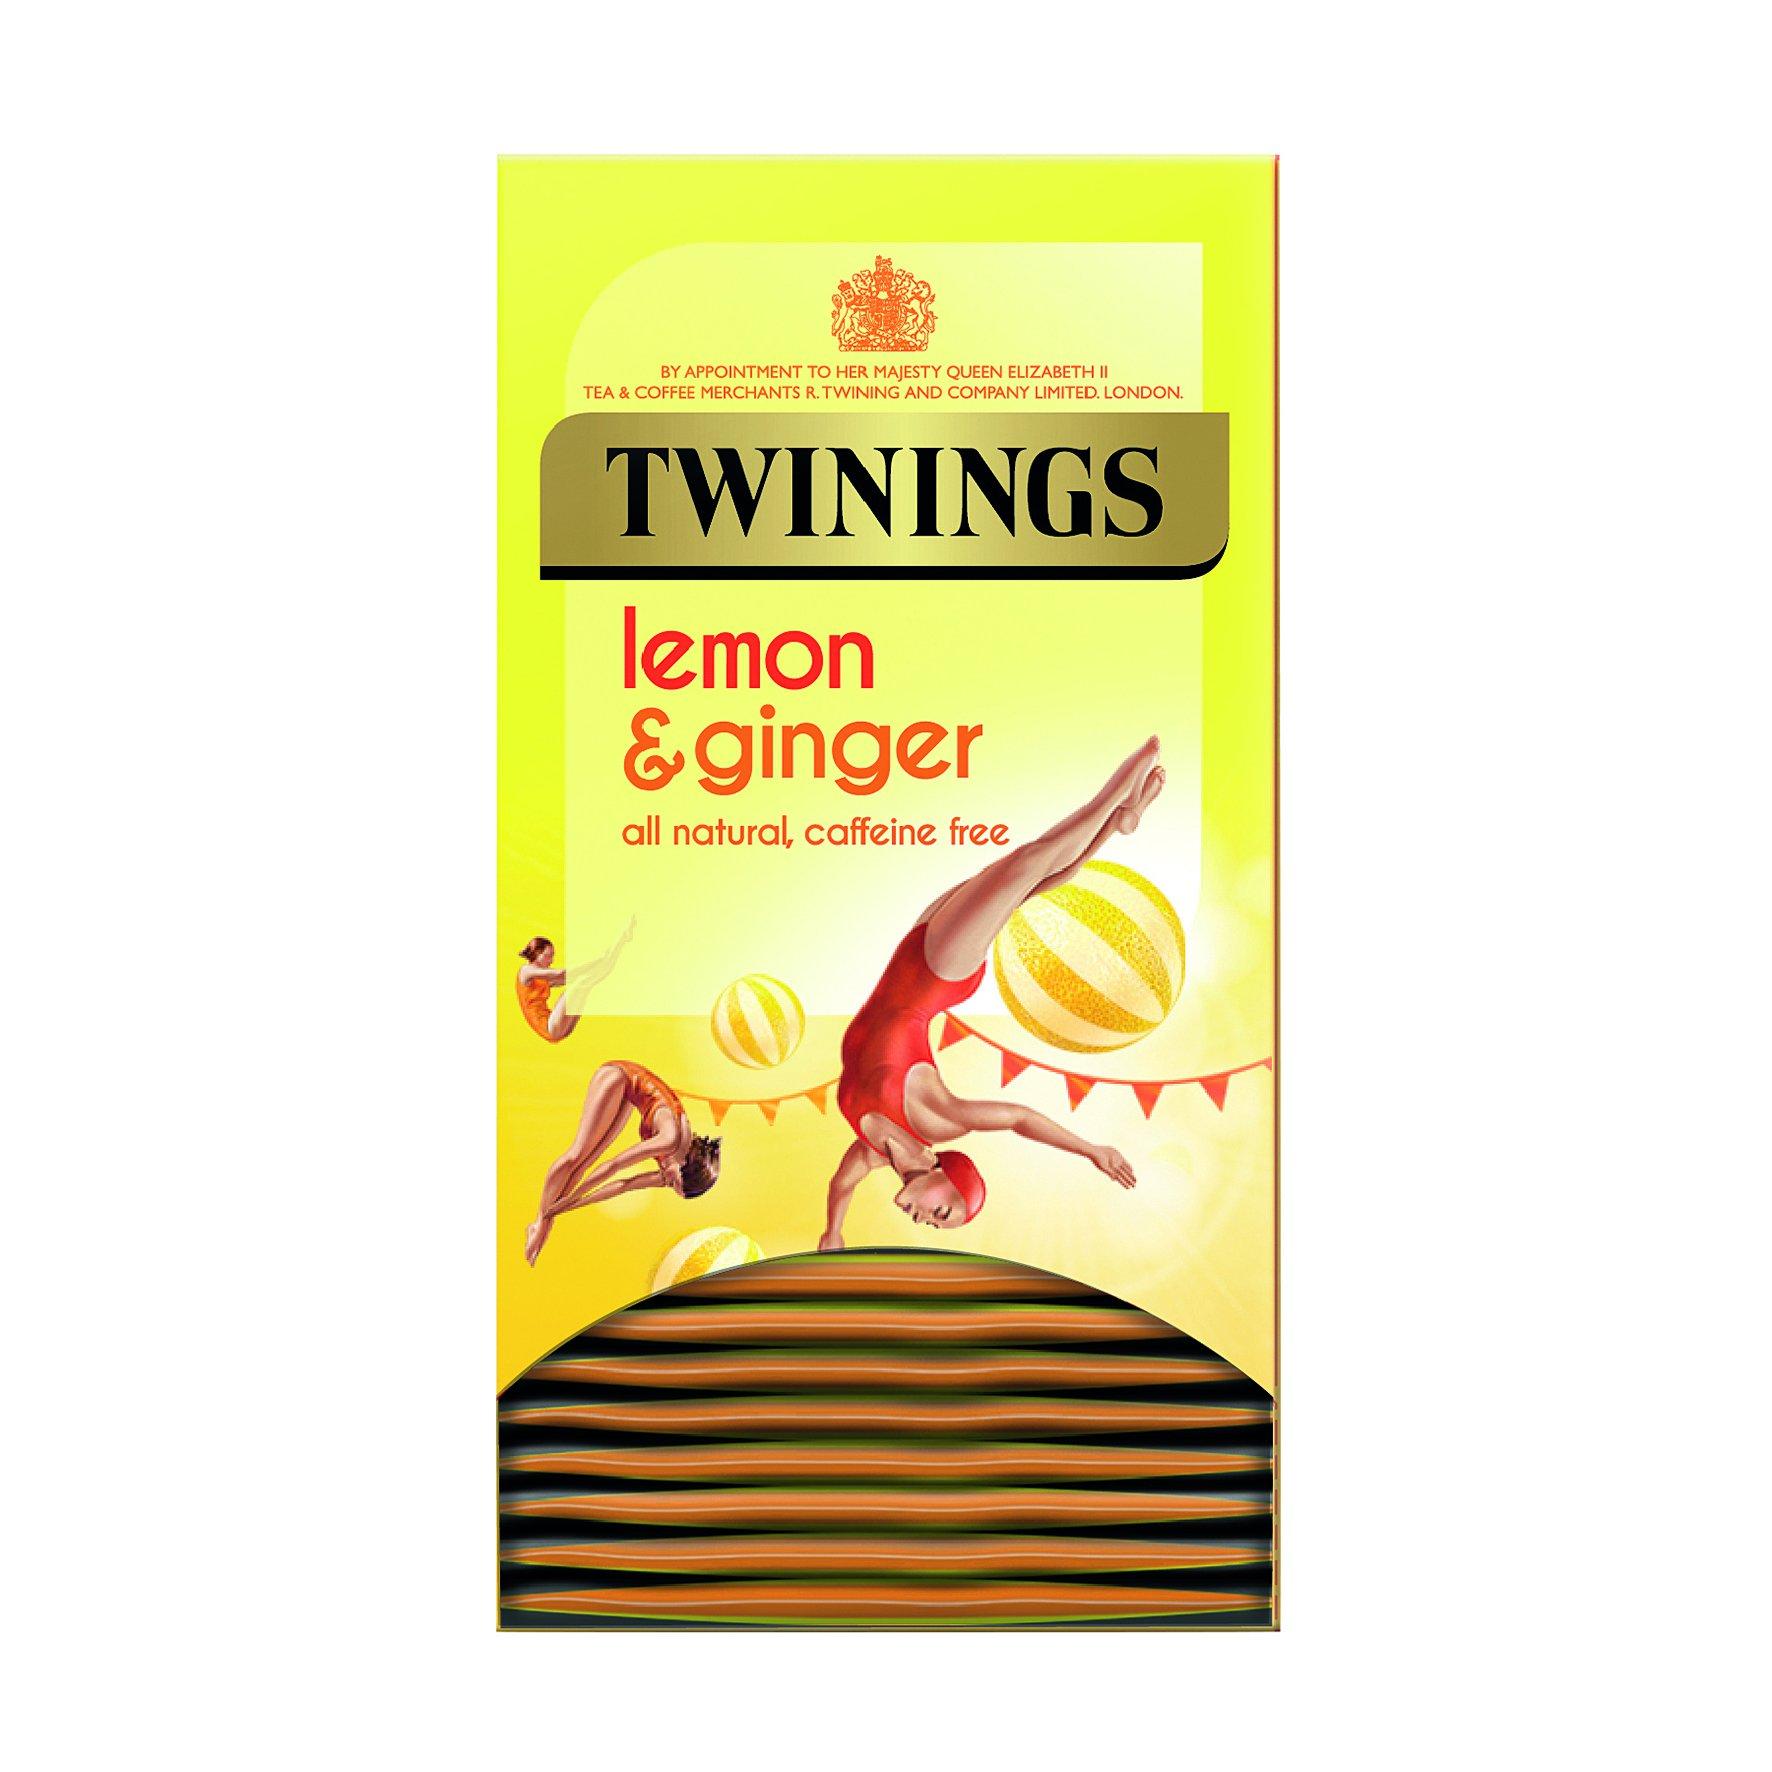 Twinings Wellbeing Blends Lemon & Ginger Tea Bags (20)